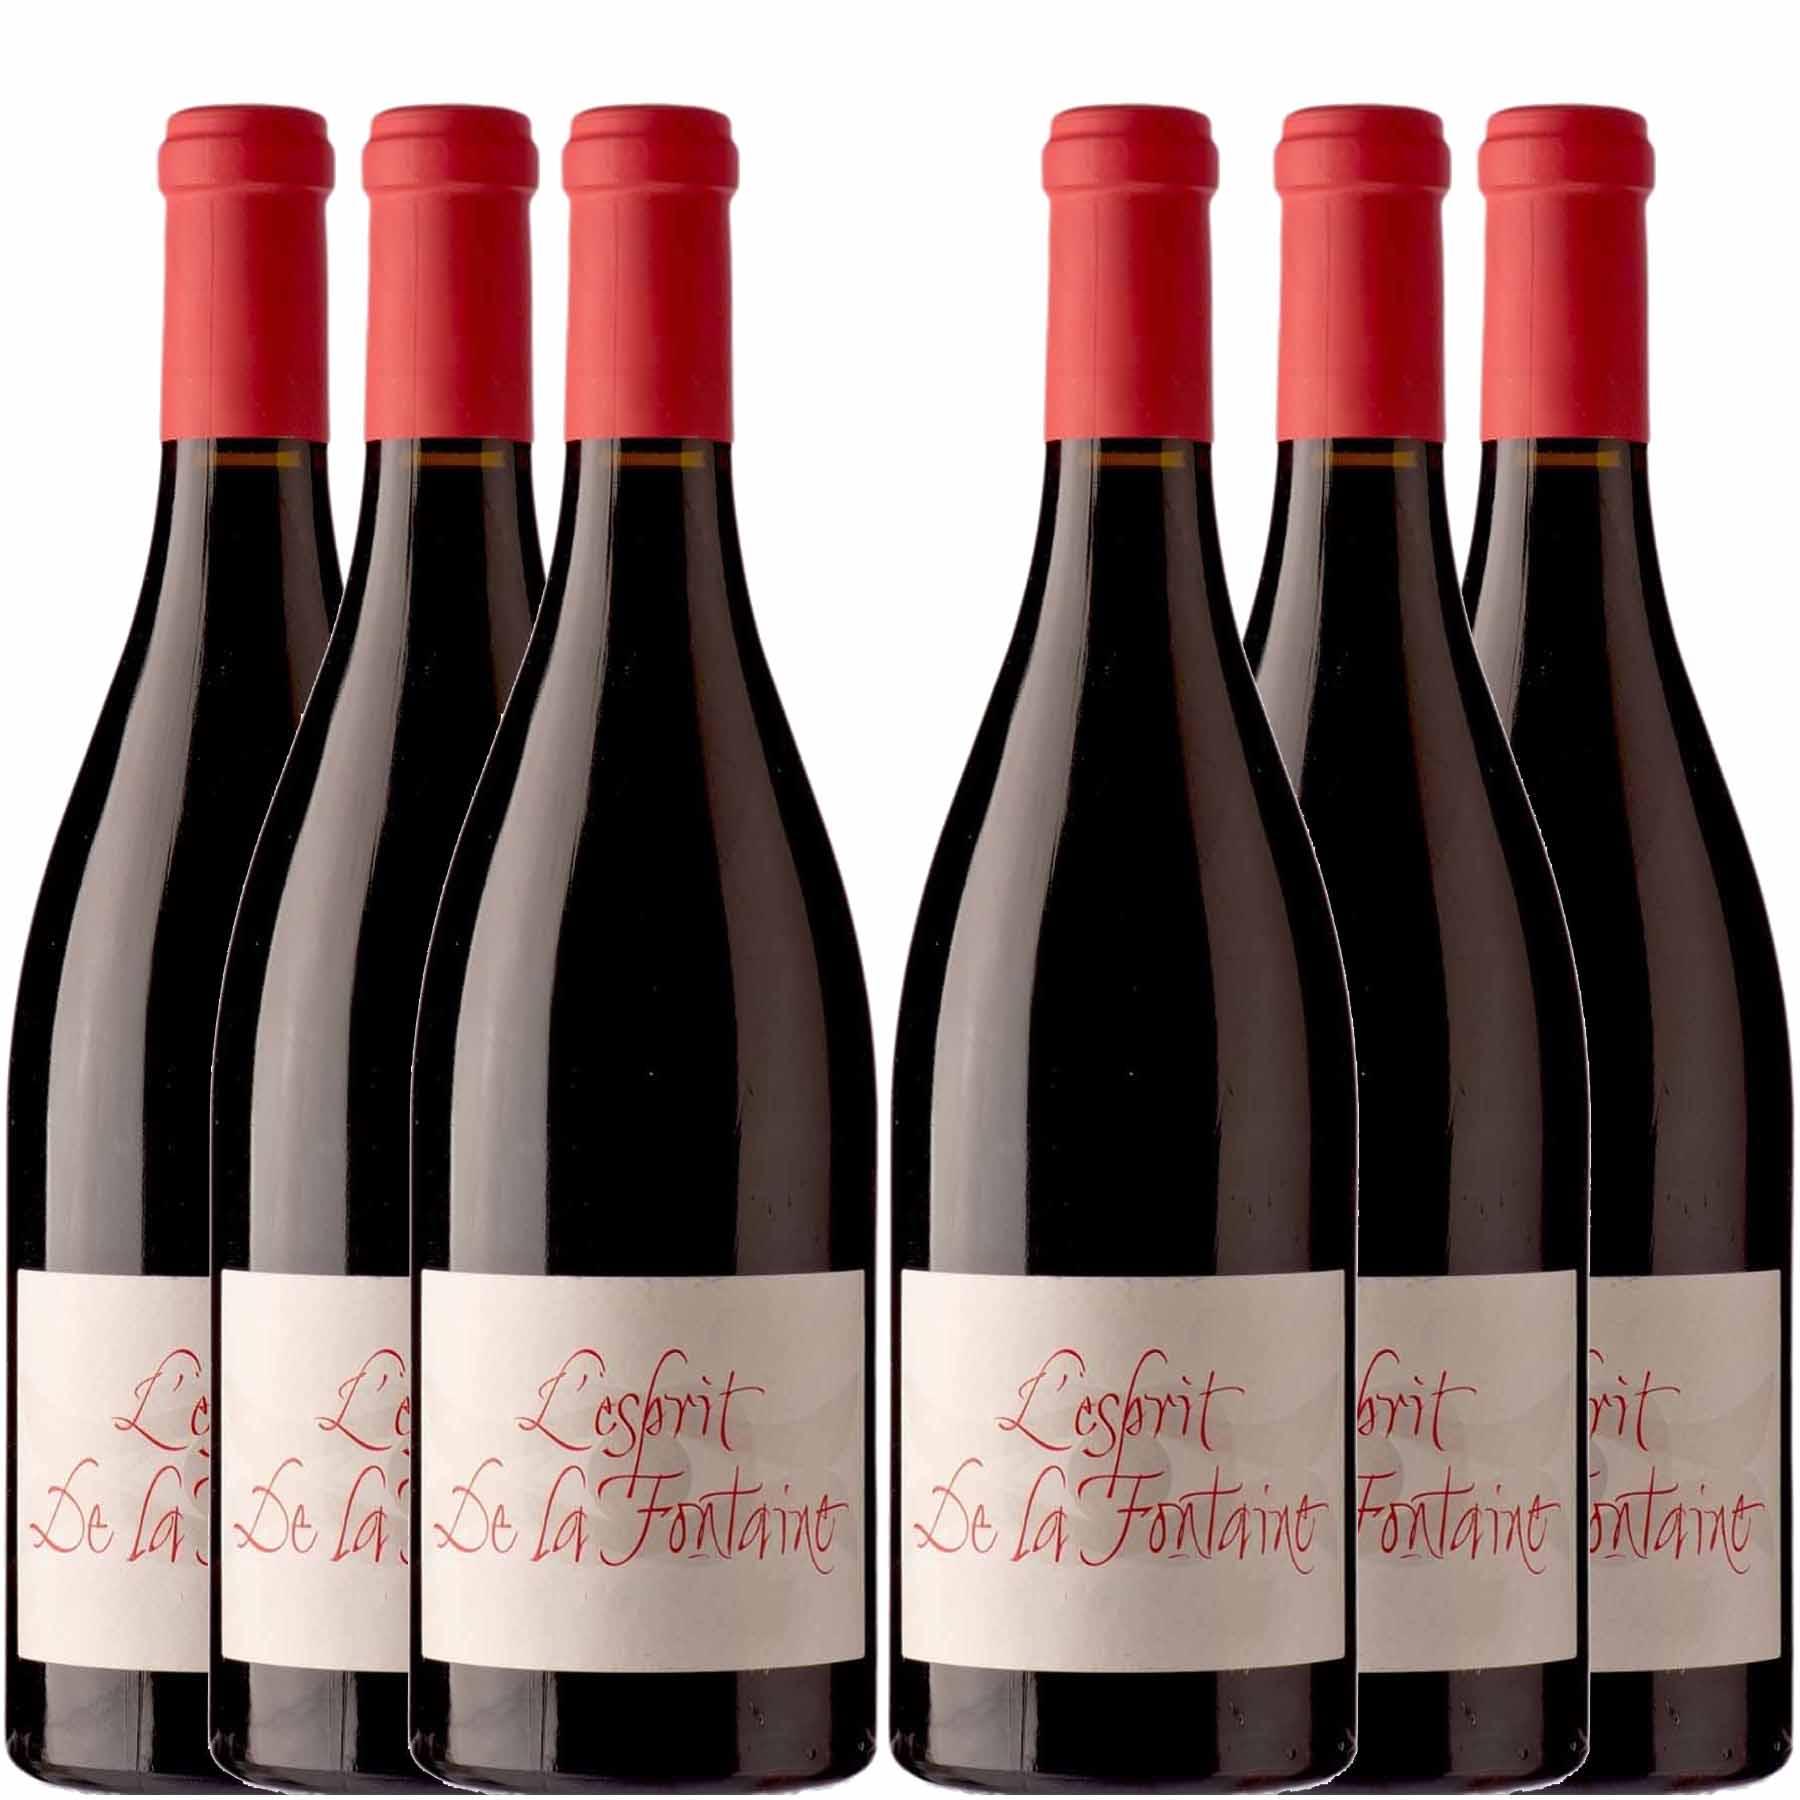 Kit 6x Vinho Tinto Francês L'Esprit de La Fontaine Languedoc 2016